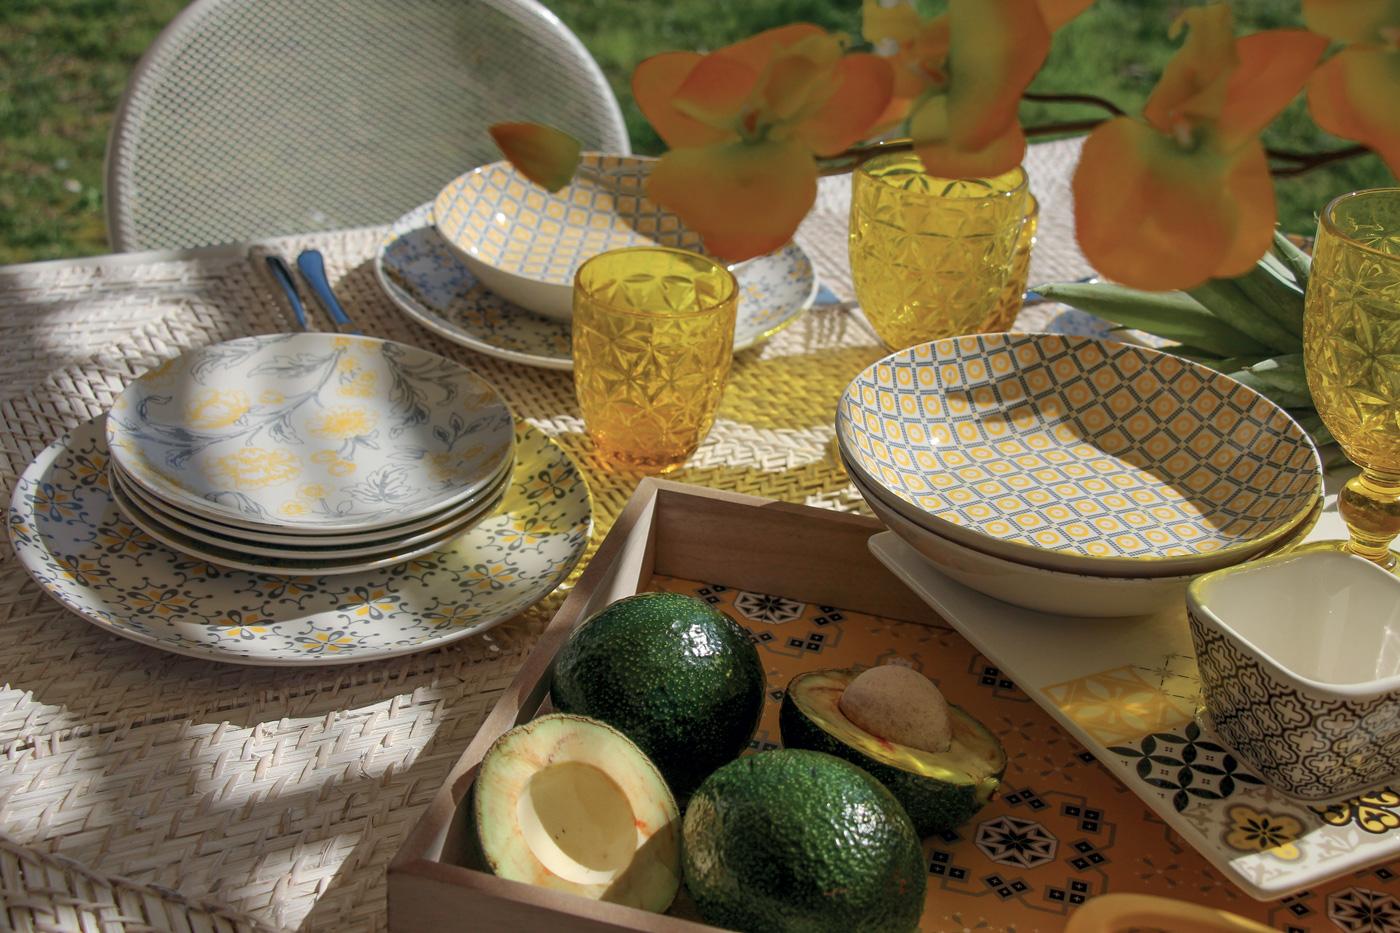 tavola pastello - servizio piatti tognana giallo - linea moon garden